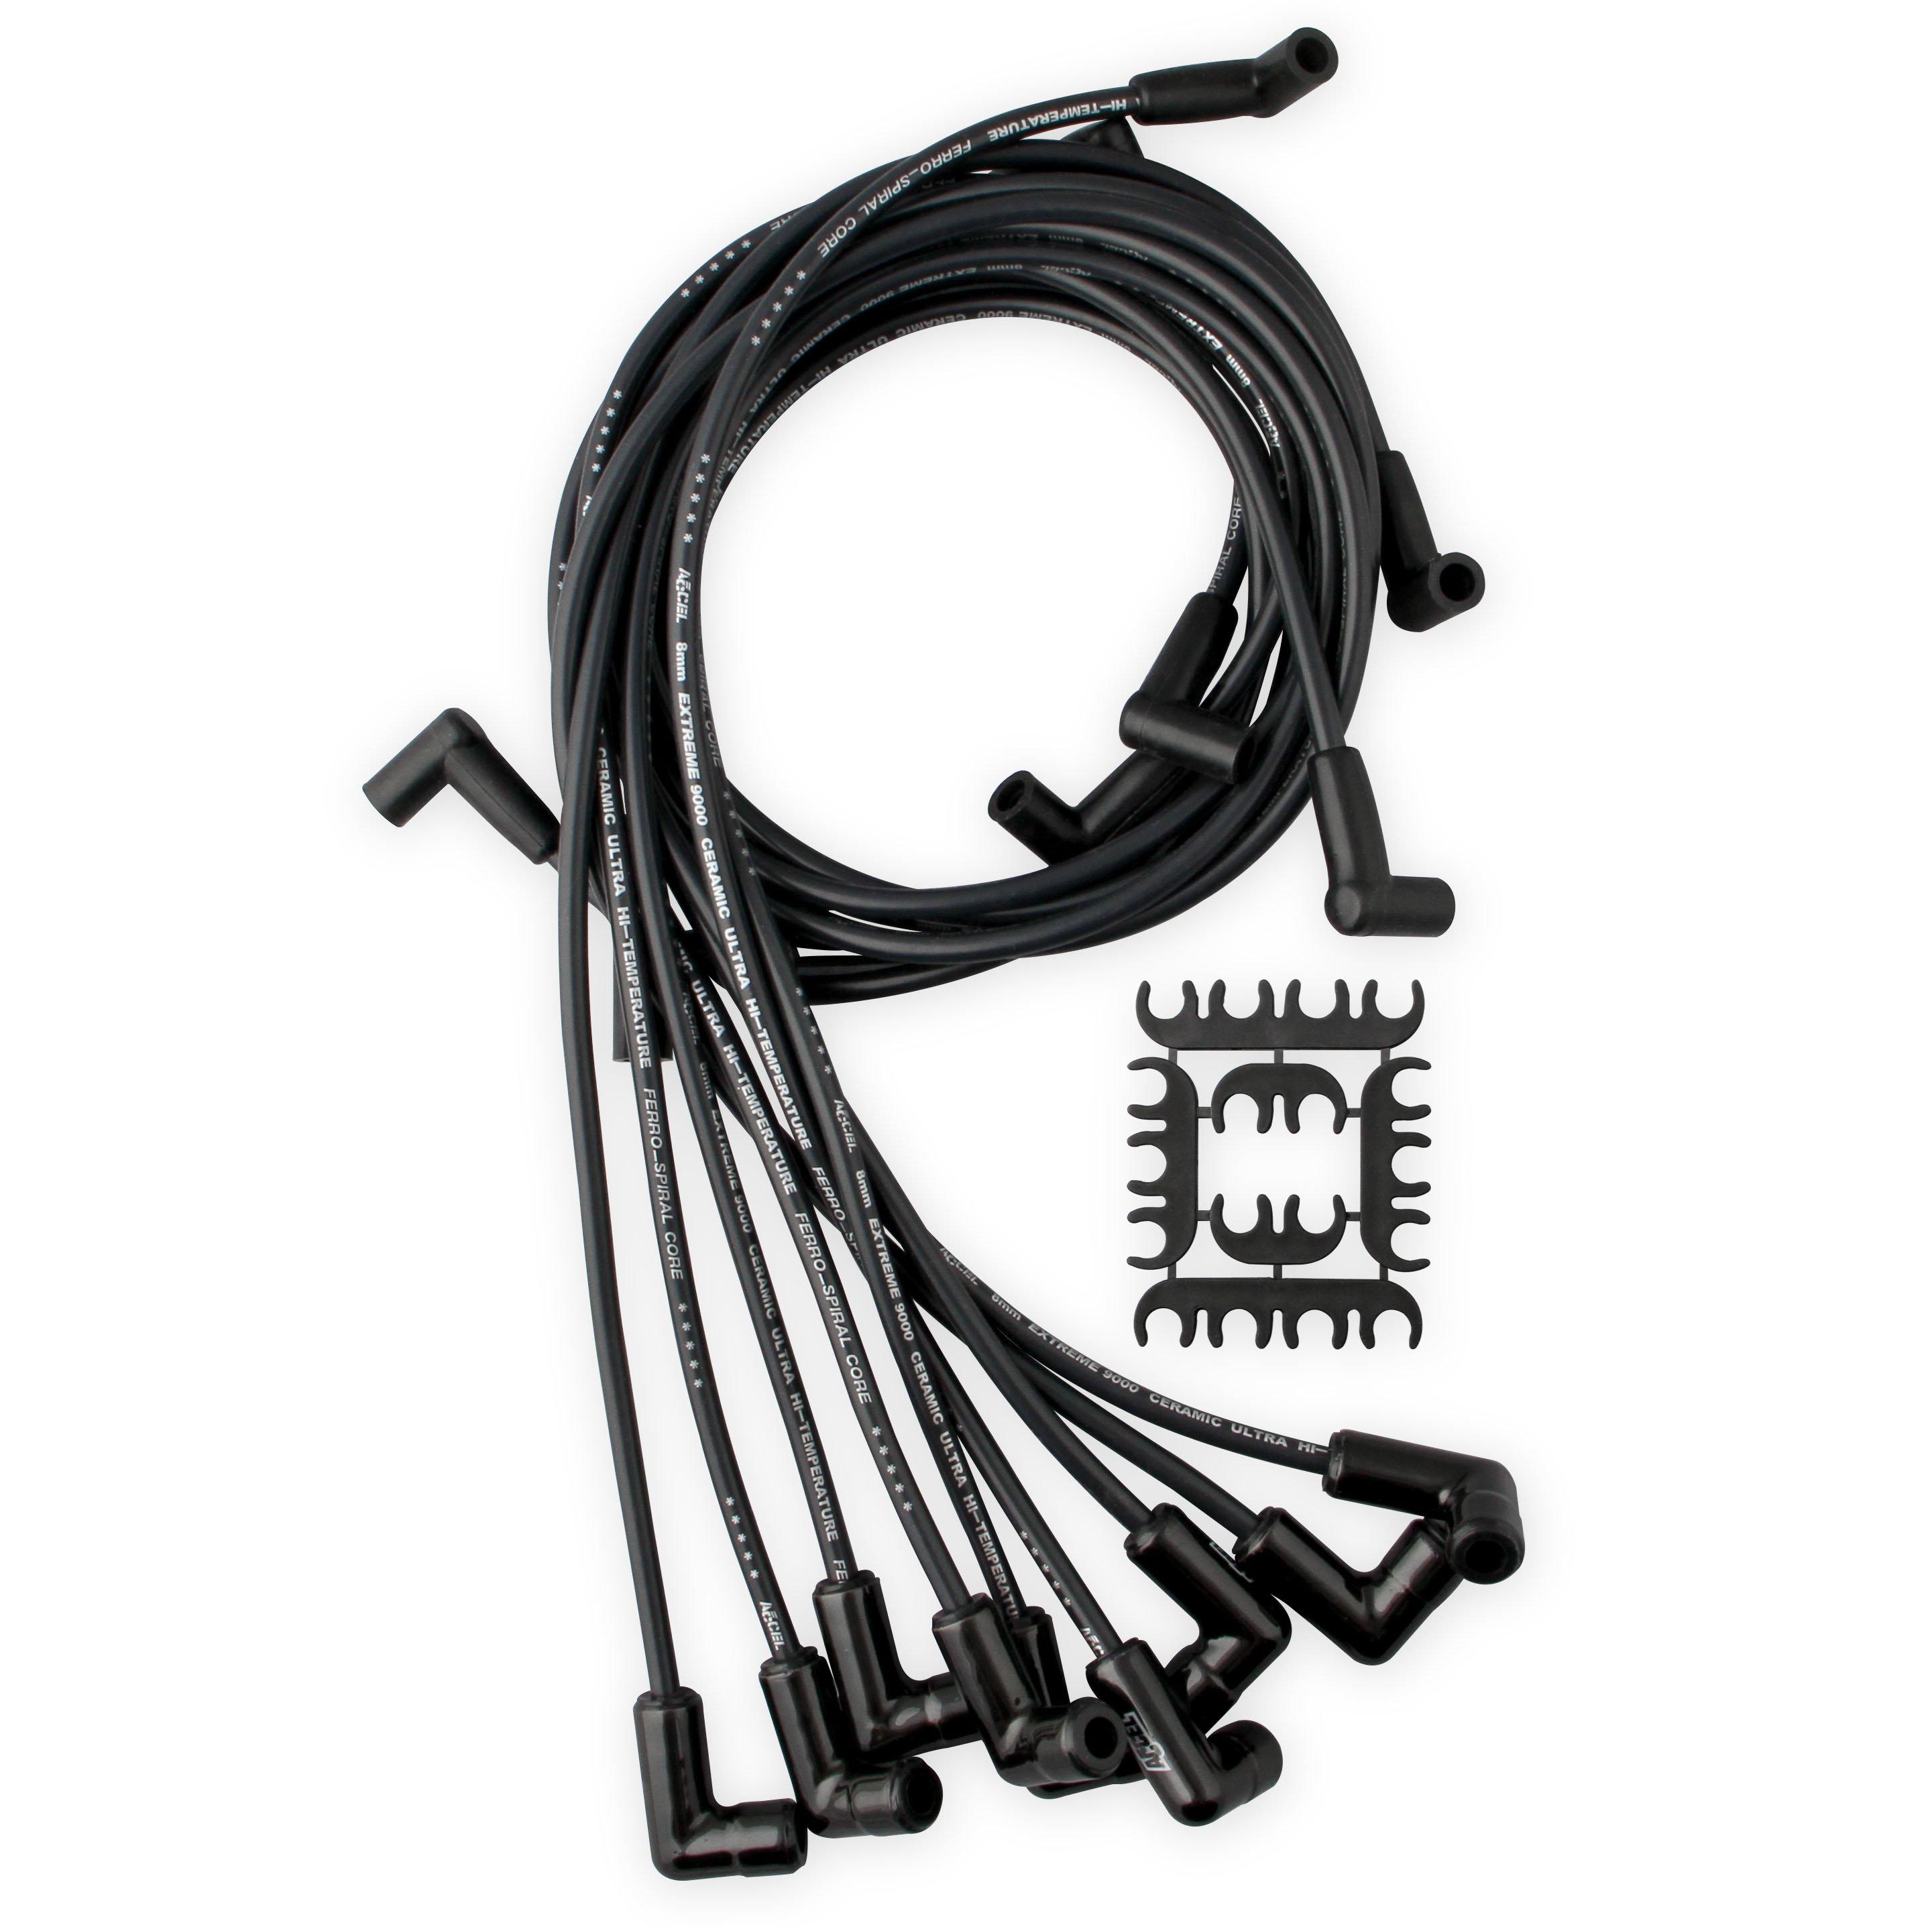 accel 9018ck spark plug wire set